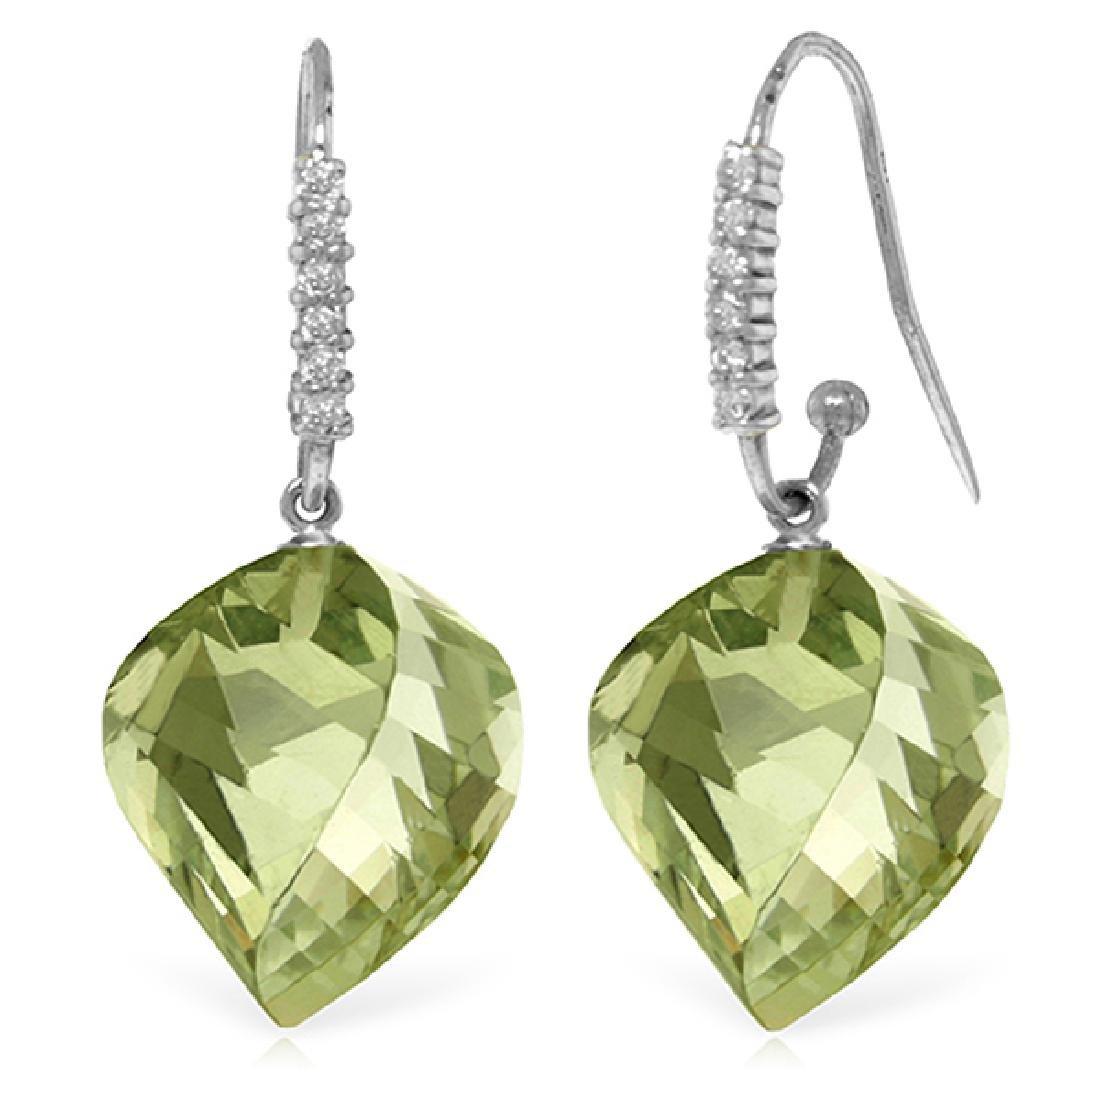 Genuine 26.18 ctw Amethyst & Diamond Earrings Jewelry